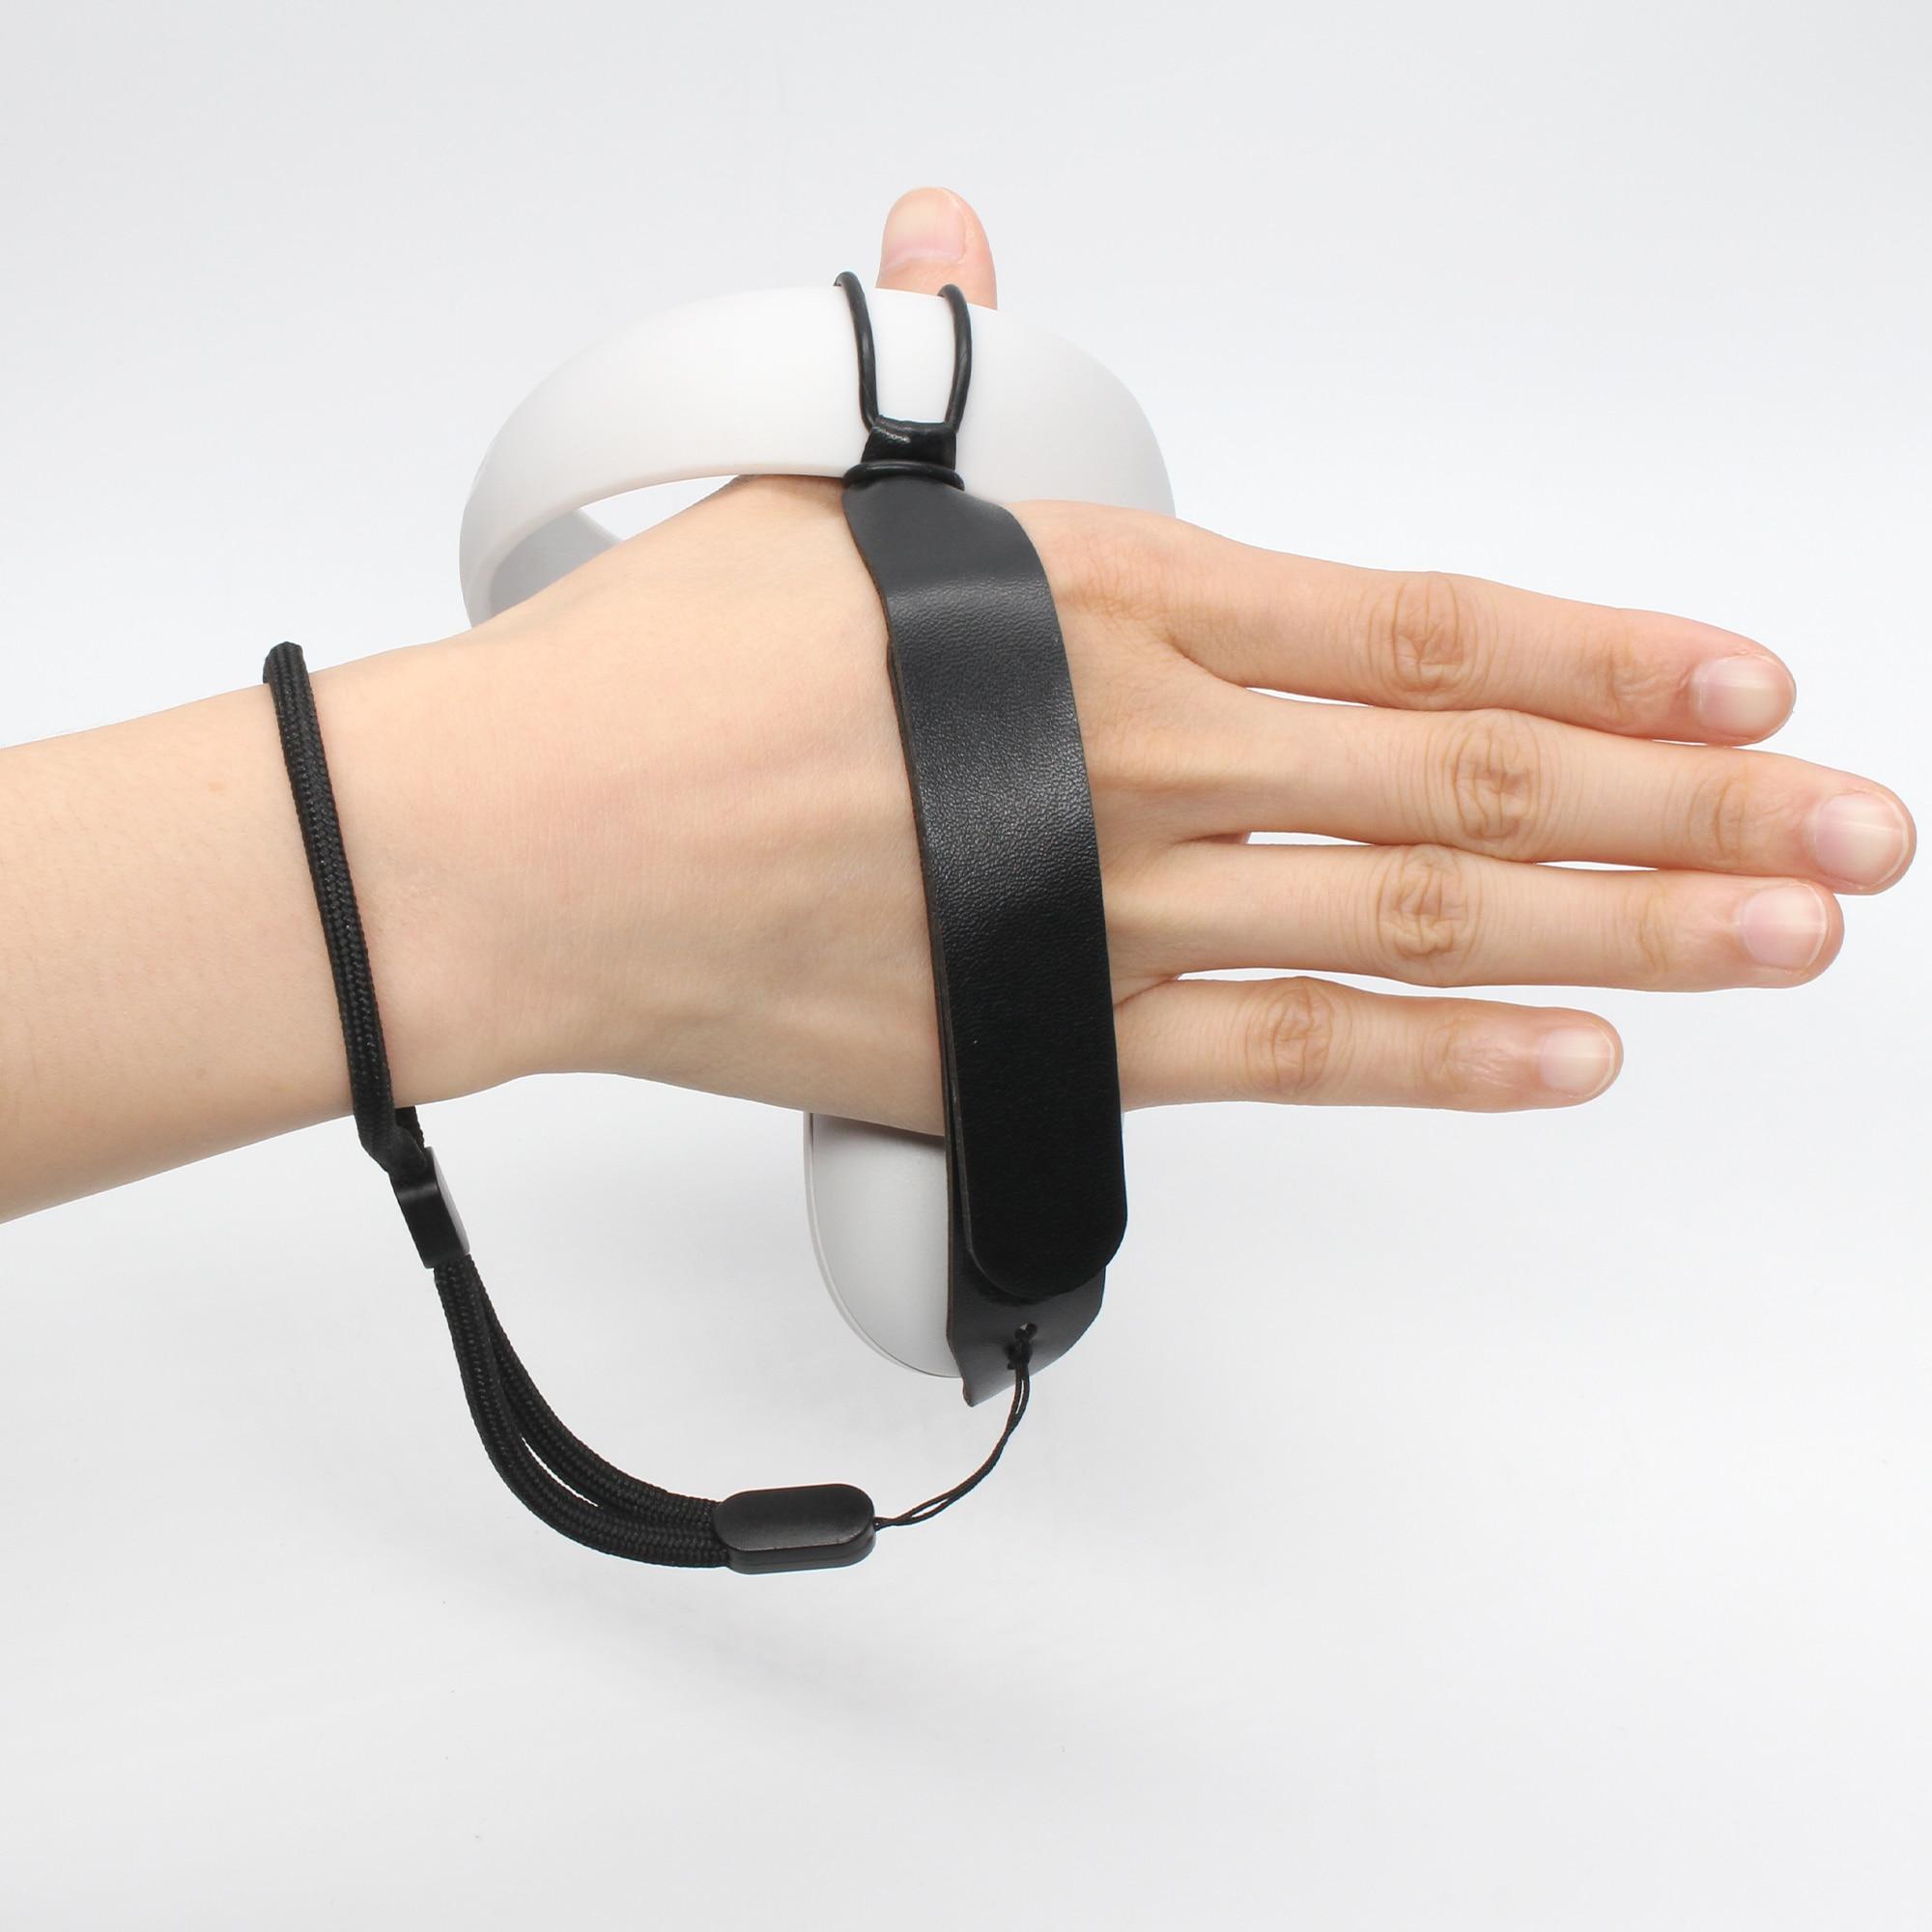 1 paar Knuckle Strap für Oculus Quest 2 VR Touch Controller Grip Einstellbare Knuckle Handgelenk Sling für Oculus Quest 2 zubehör